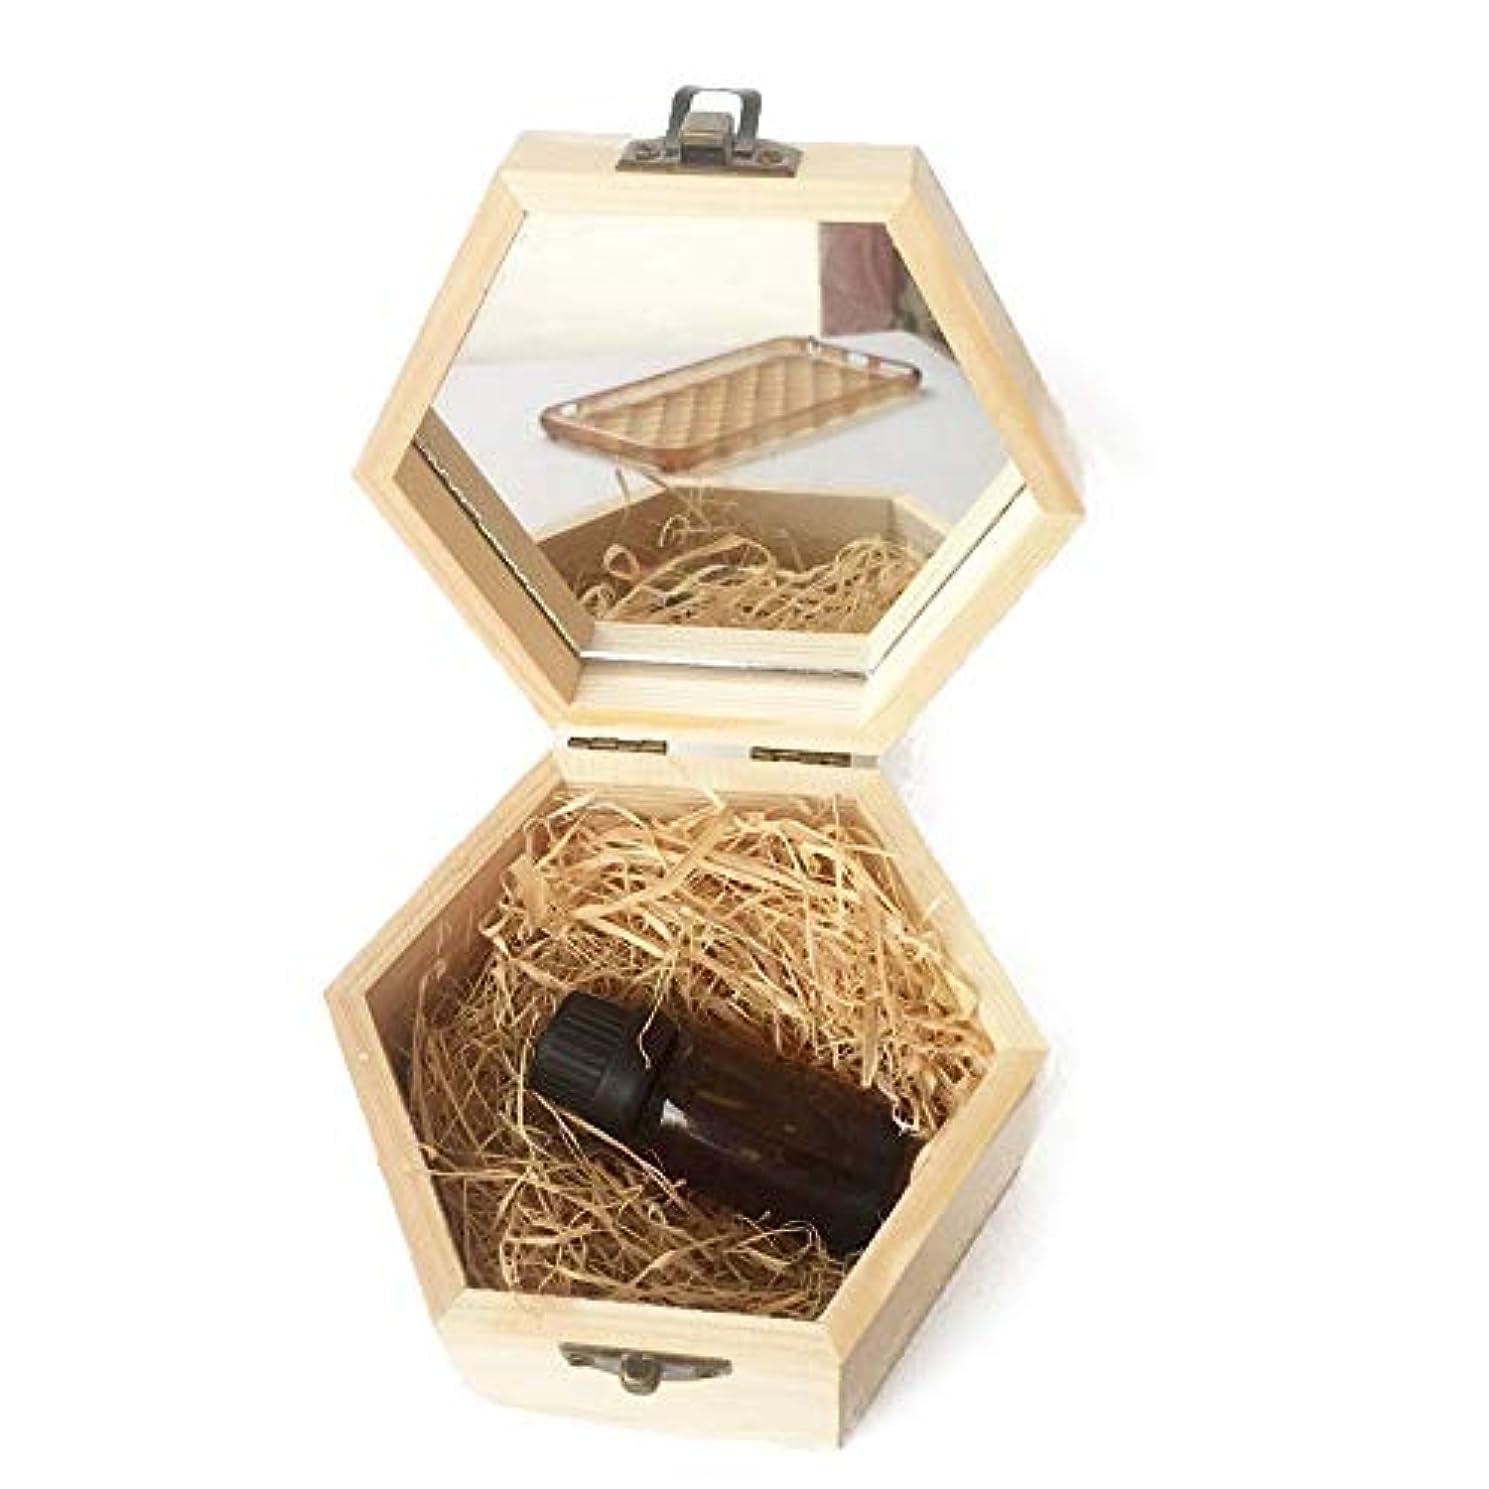 鳩露骨な爪アロマセラピーのエッセンシャルオイル木箱の品質収納ケース アロマセラピー製品 (色 : Natural, サイズ : 13X11.3X6.8CM)